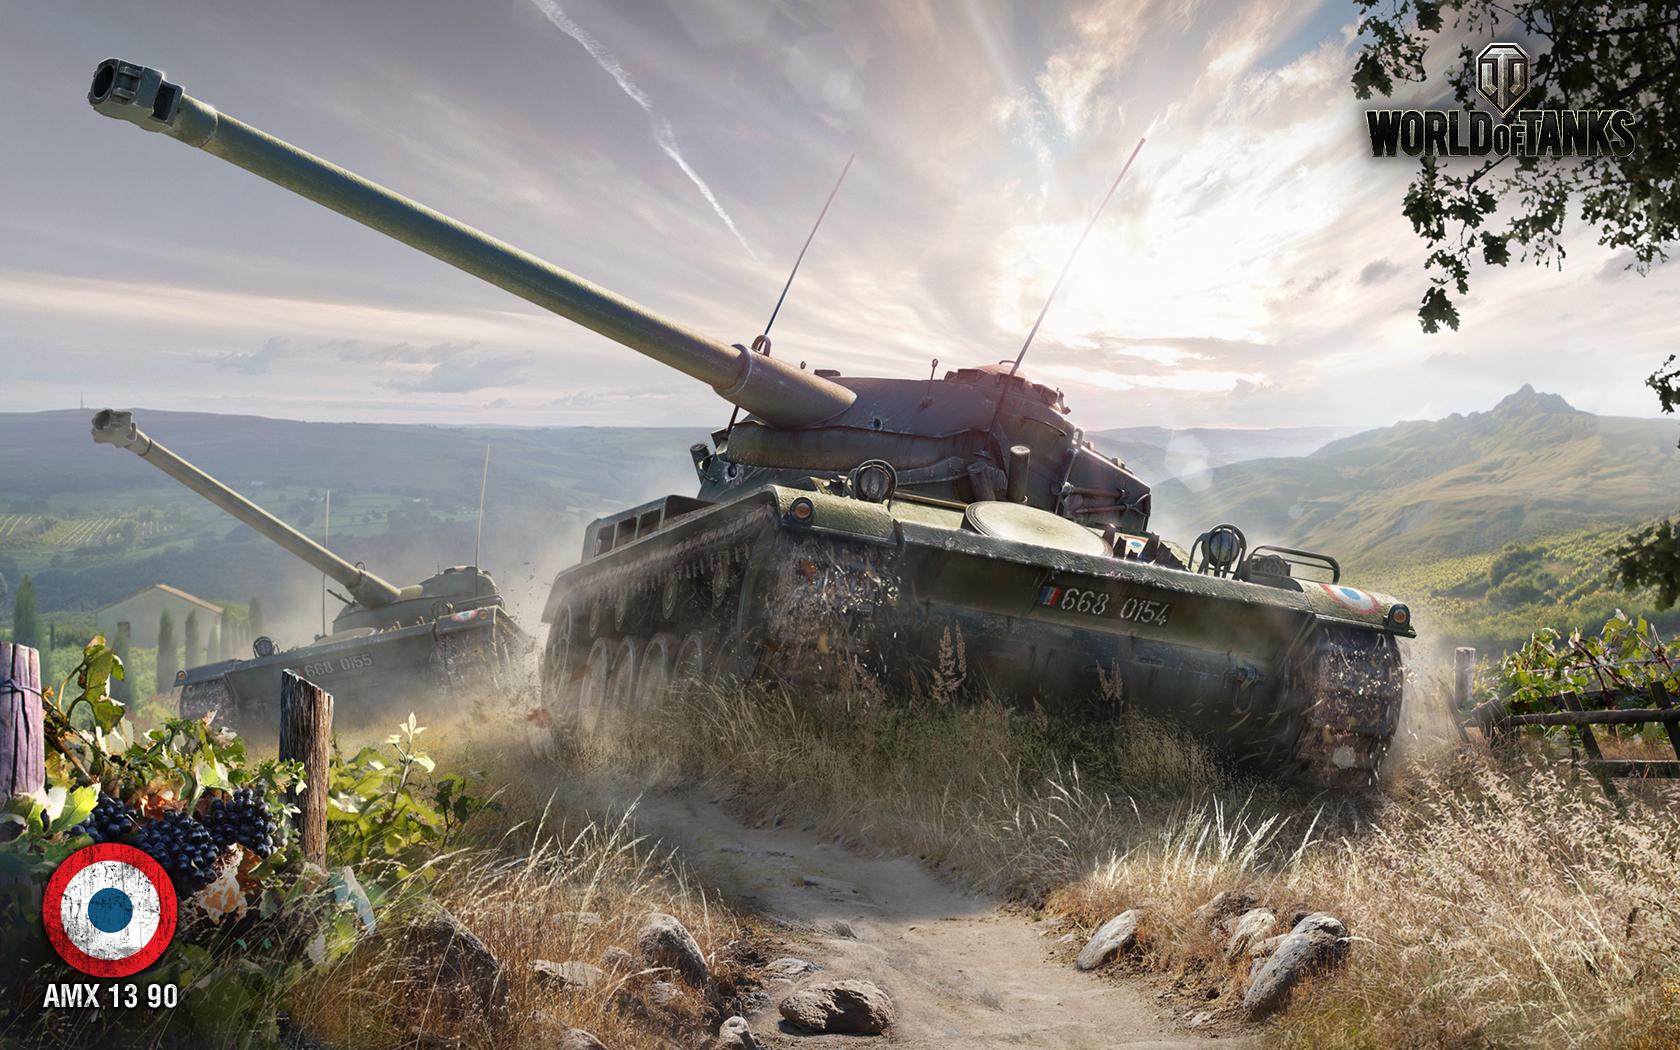 Wallpaper For September General News World Of Tanks